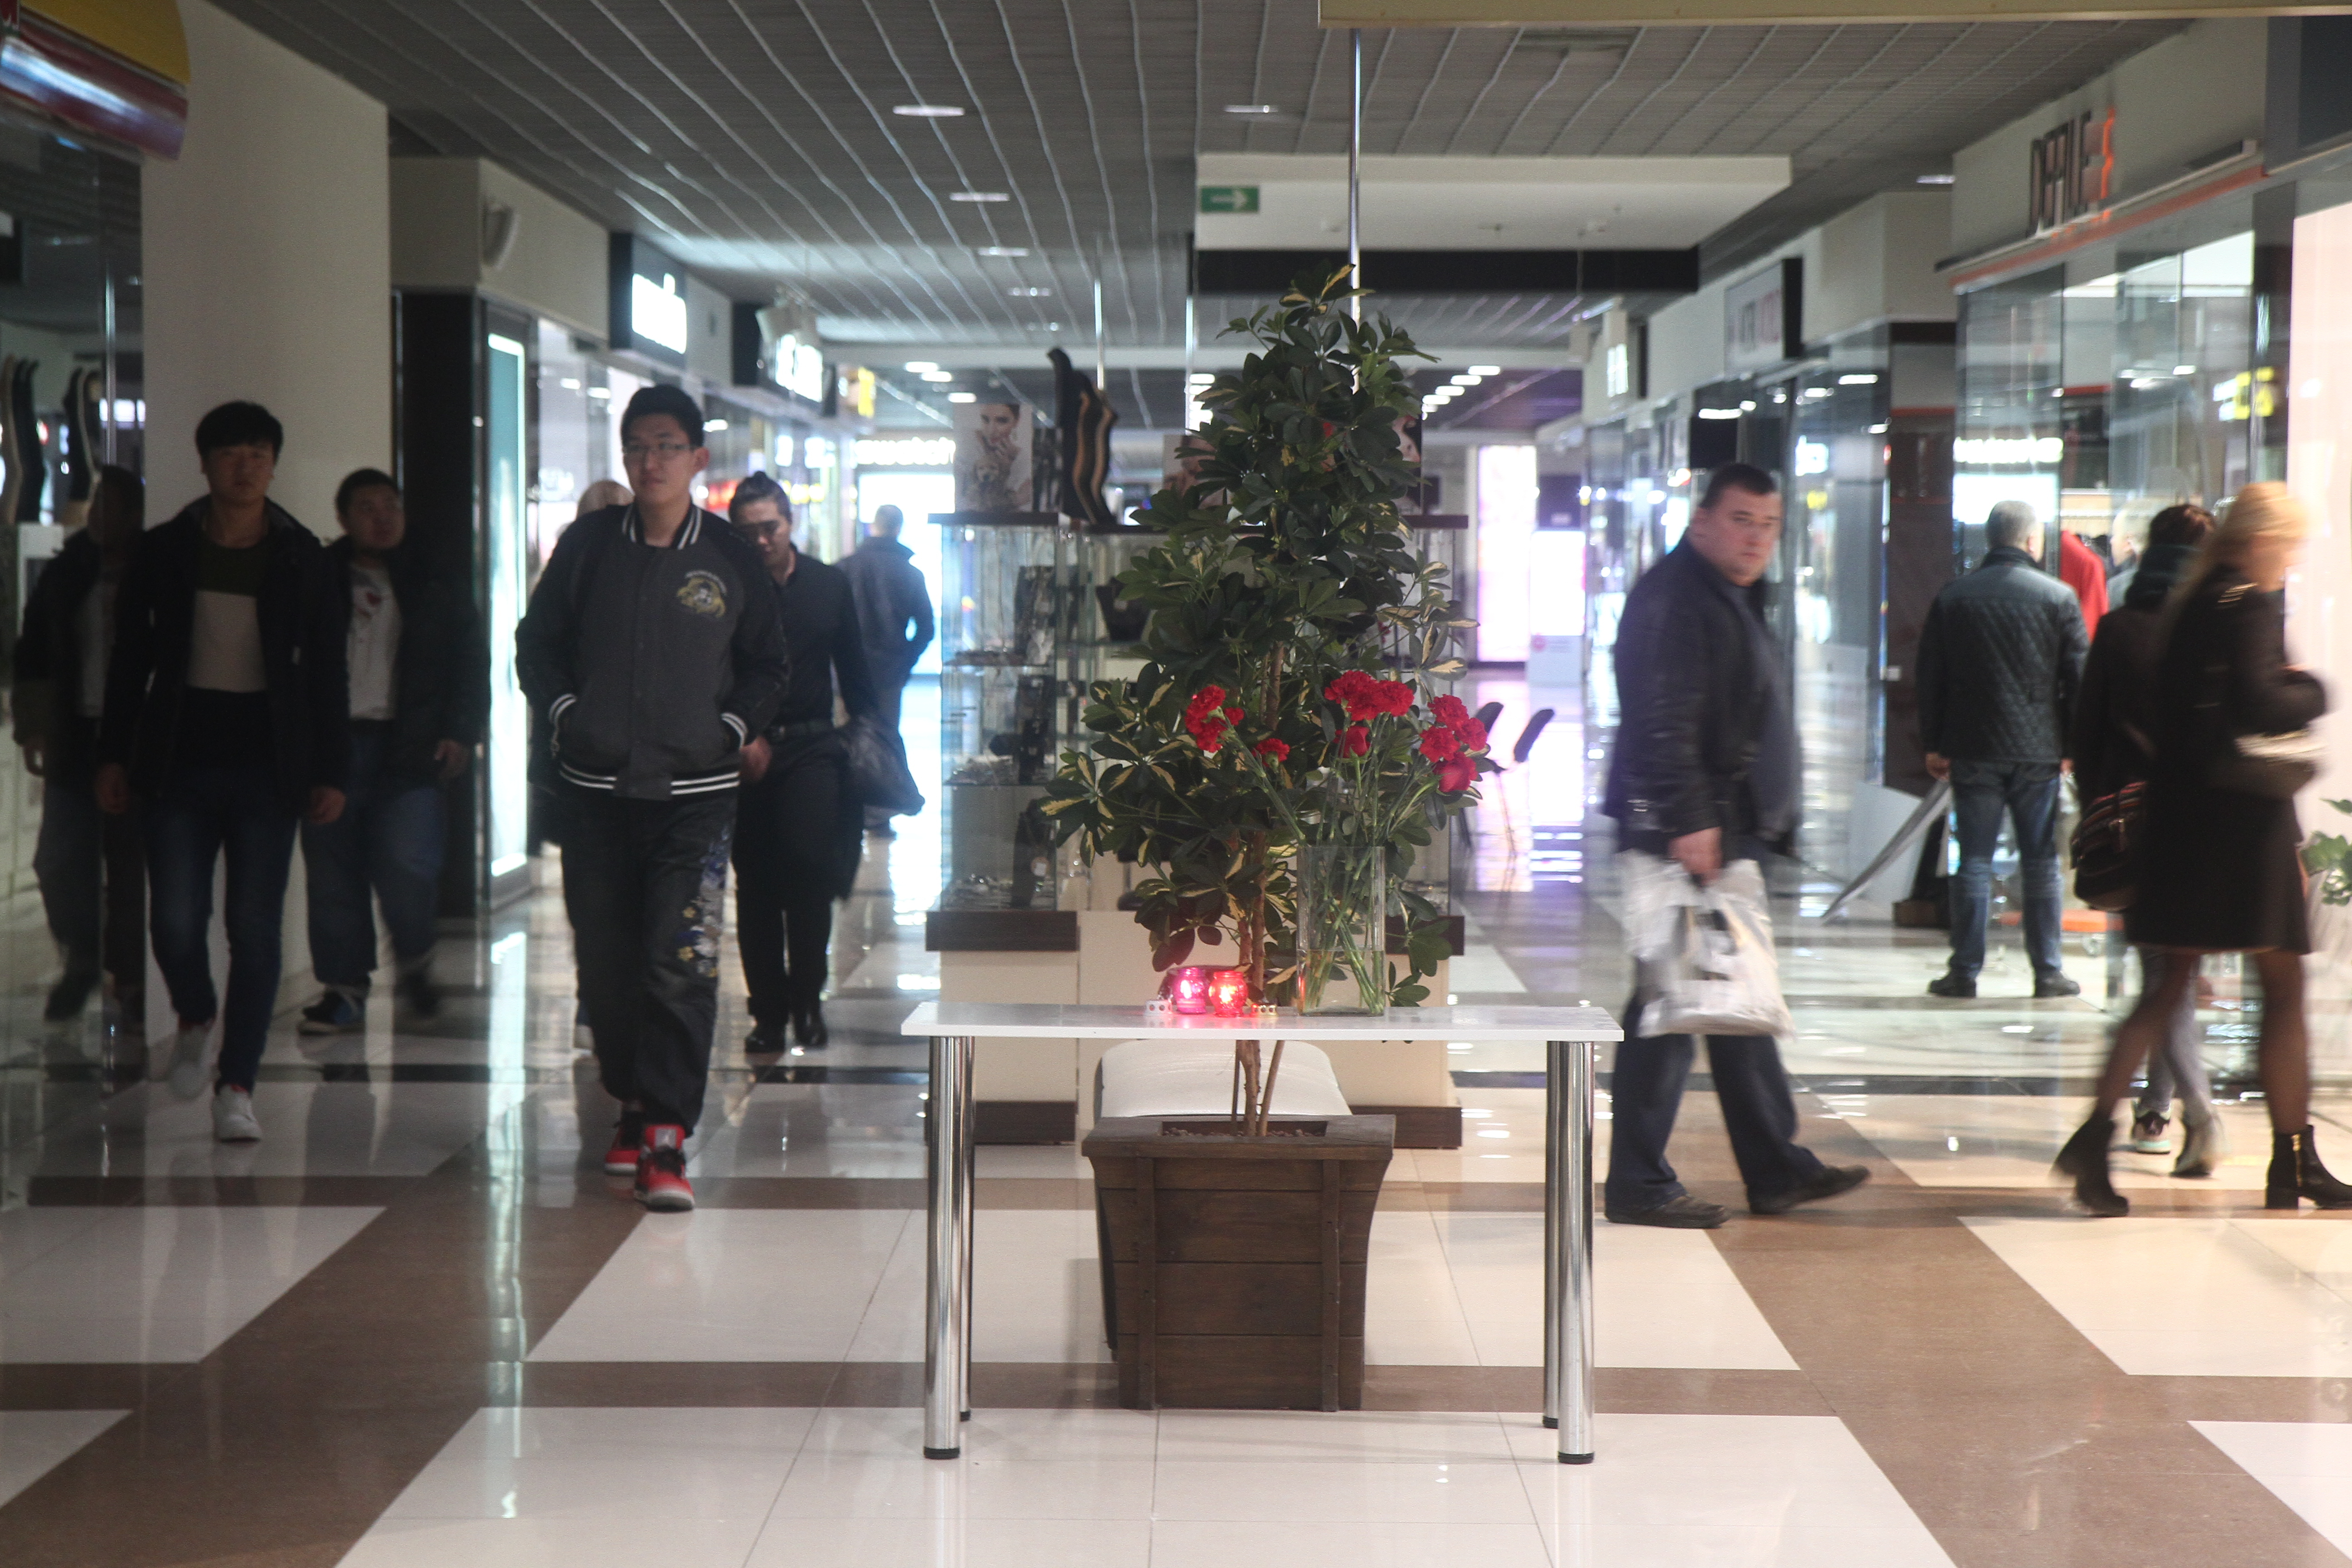 """На минчанку Оксану подросток напал в кафе ТЦ """"Европа"""". Женщине чудом удалось выжить. Фото: Мария РОЛЬСКИТЕ"""